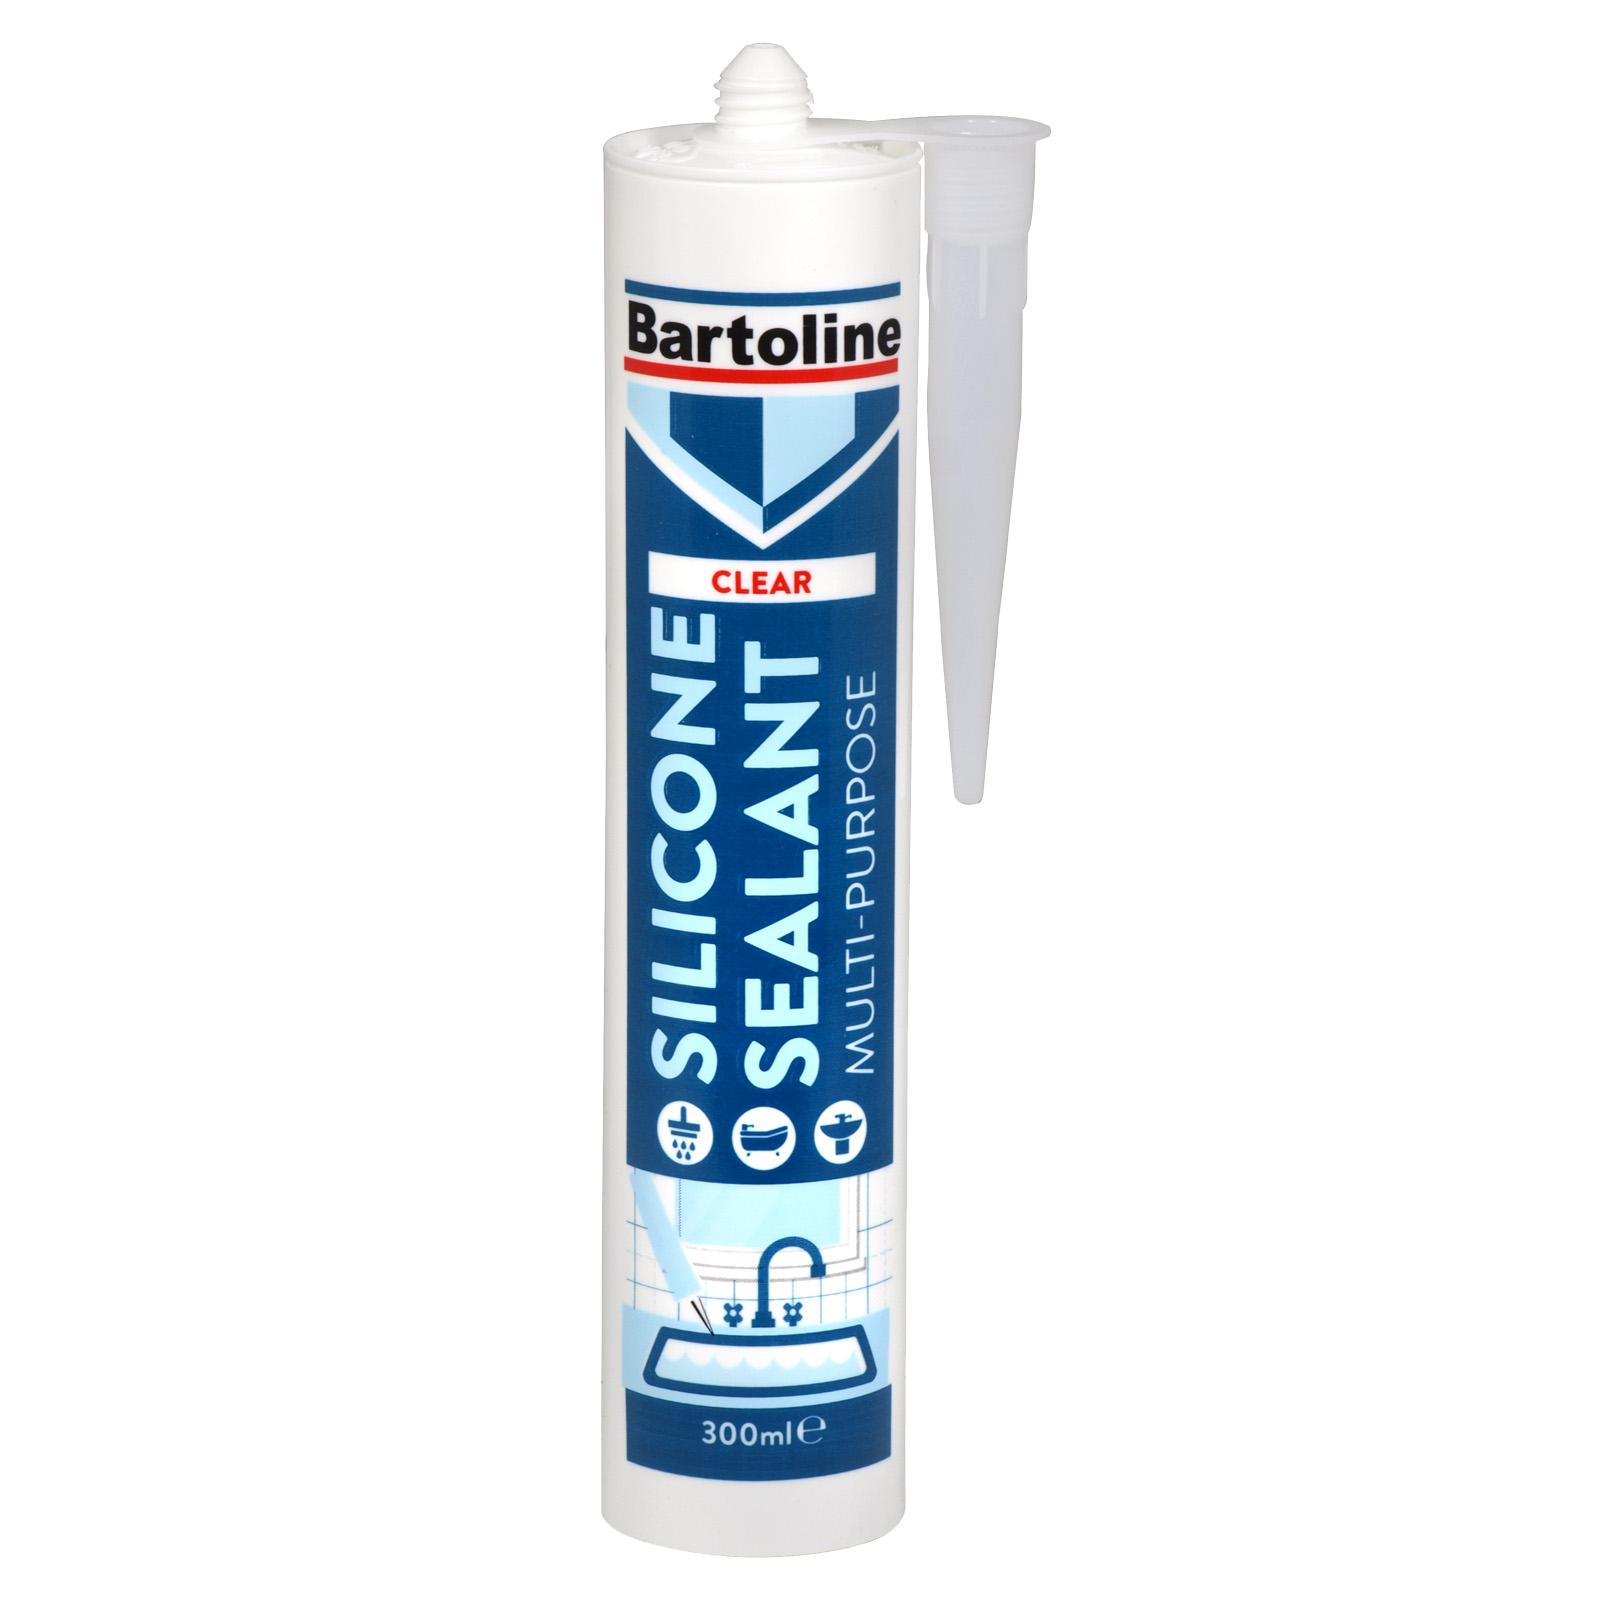 BARTOLINE MULTI PURPOSE SILICONE SEALANT CARTON CLEAR